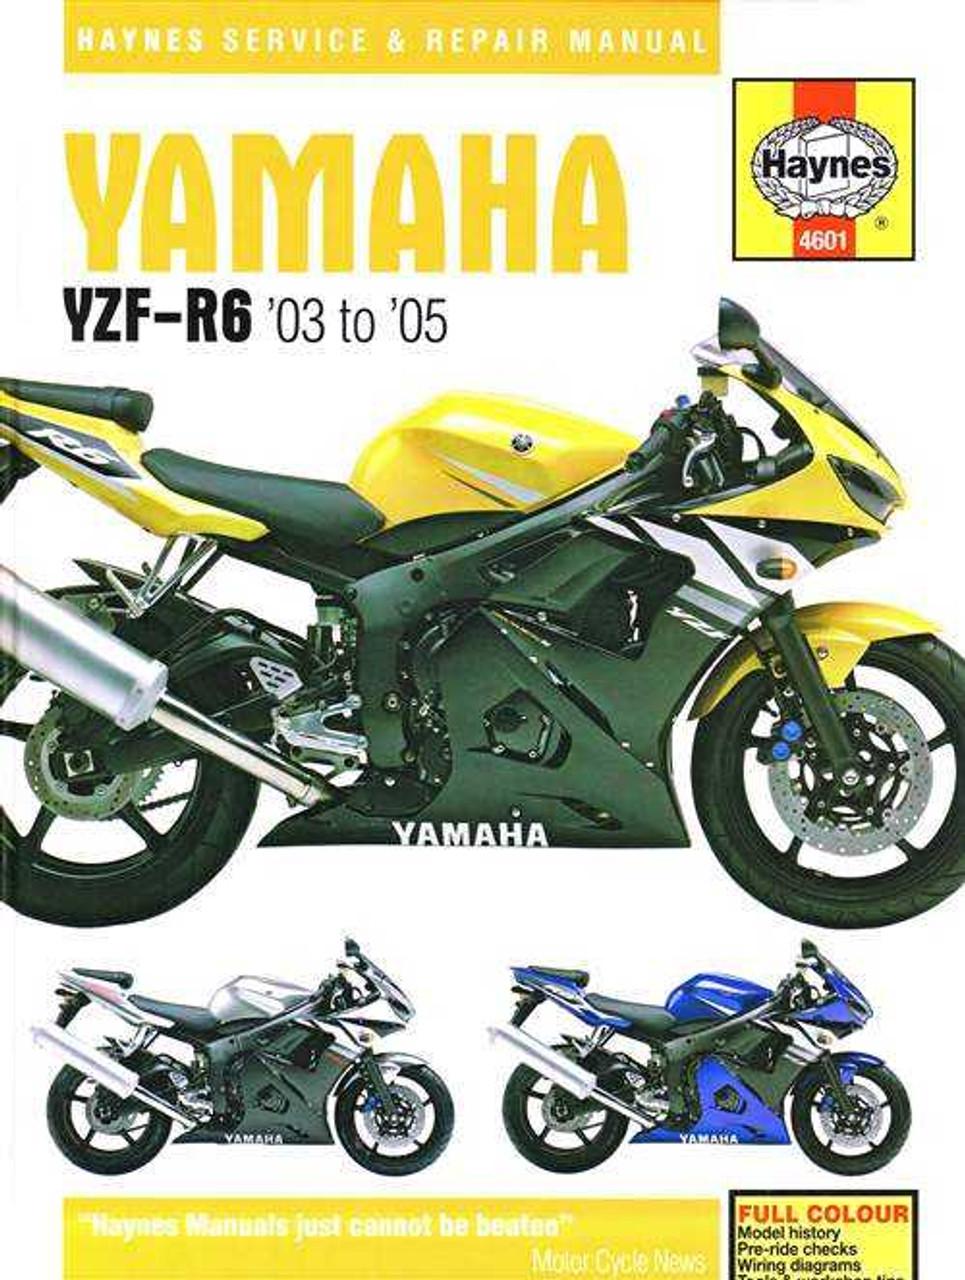 Yamaha YZF-R6 2003 - 2005 Workshop Manual